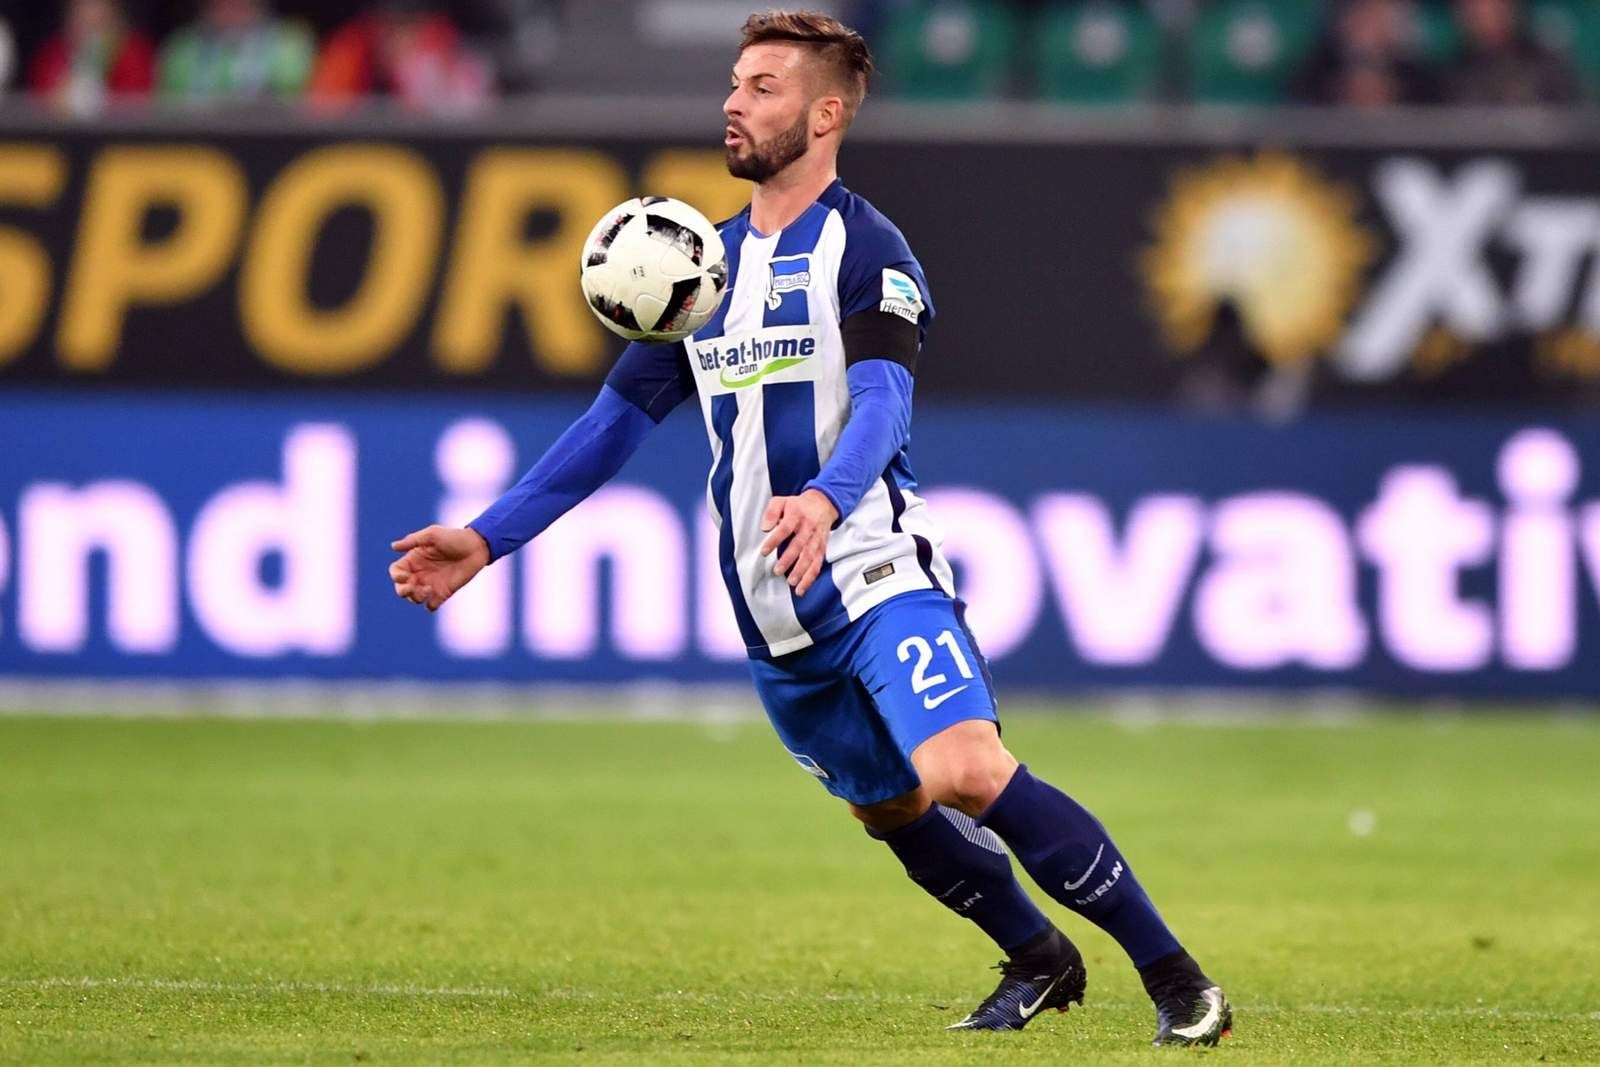 Trifft Plattenhardt wieder? Jetzt auf Hertha BSC gegen Ingolstadt wetten